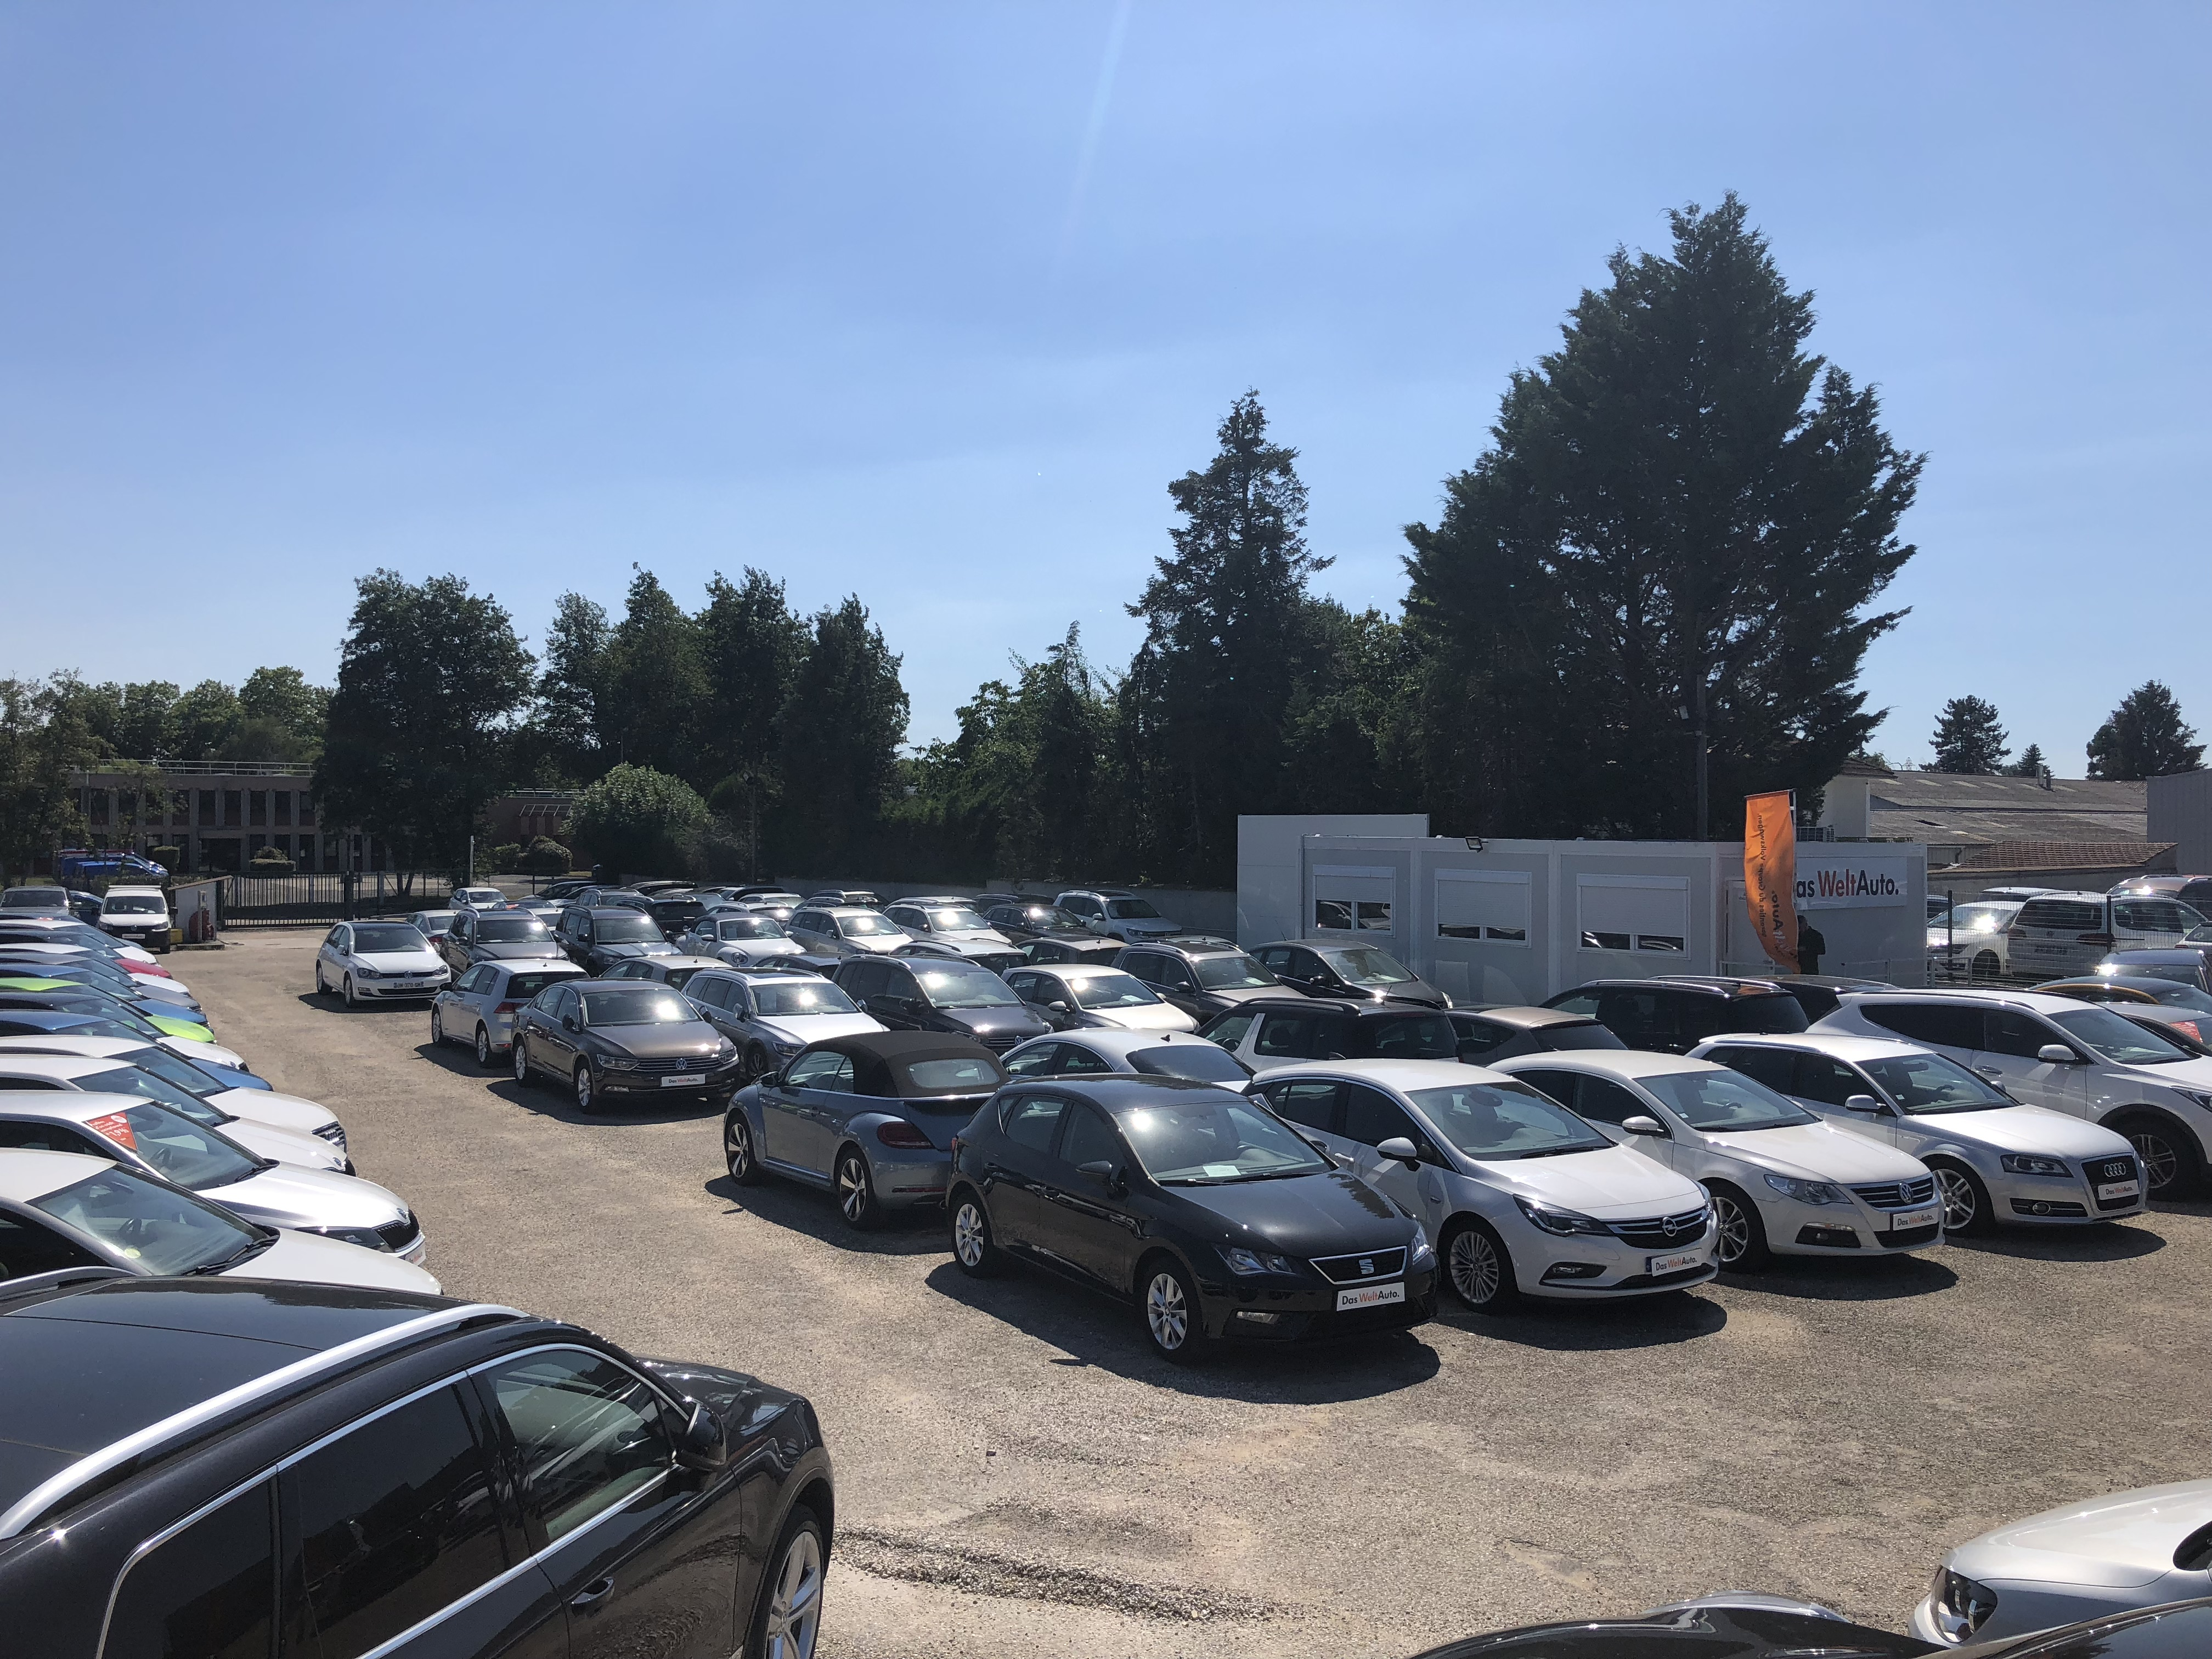 Volkswagen occasion bourg en bresse volkswagen skoda seat europe garage bourg en bresse - Europe garage bourg en bresse ...